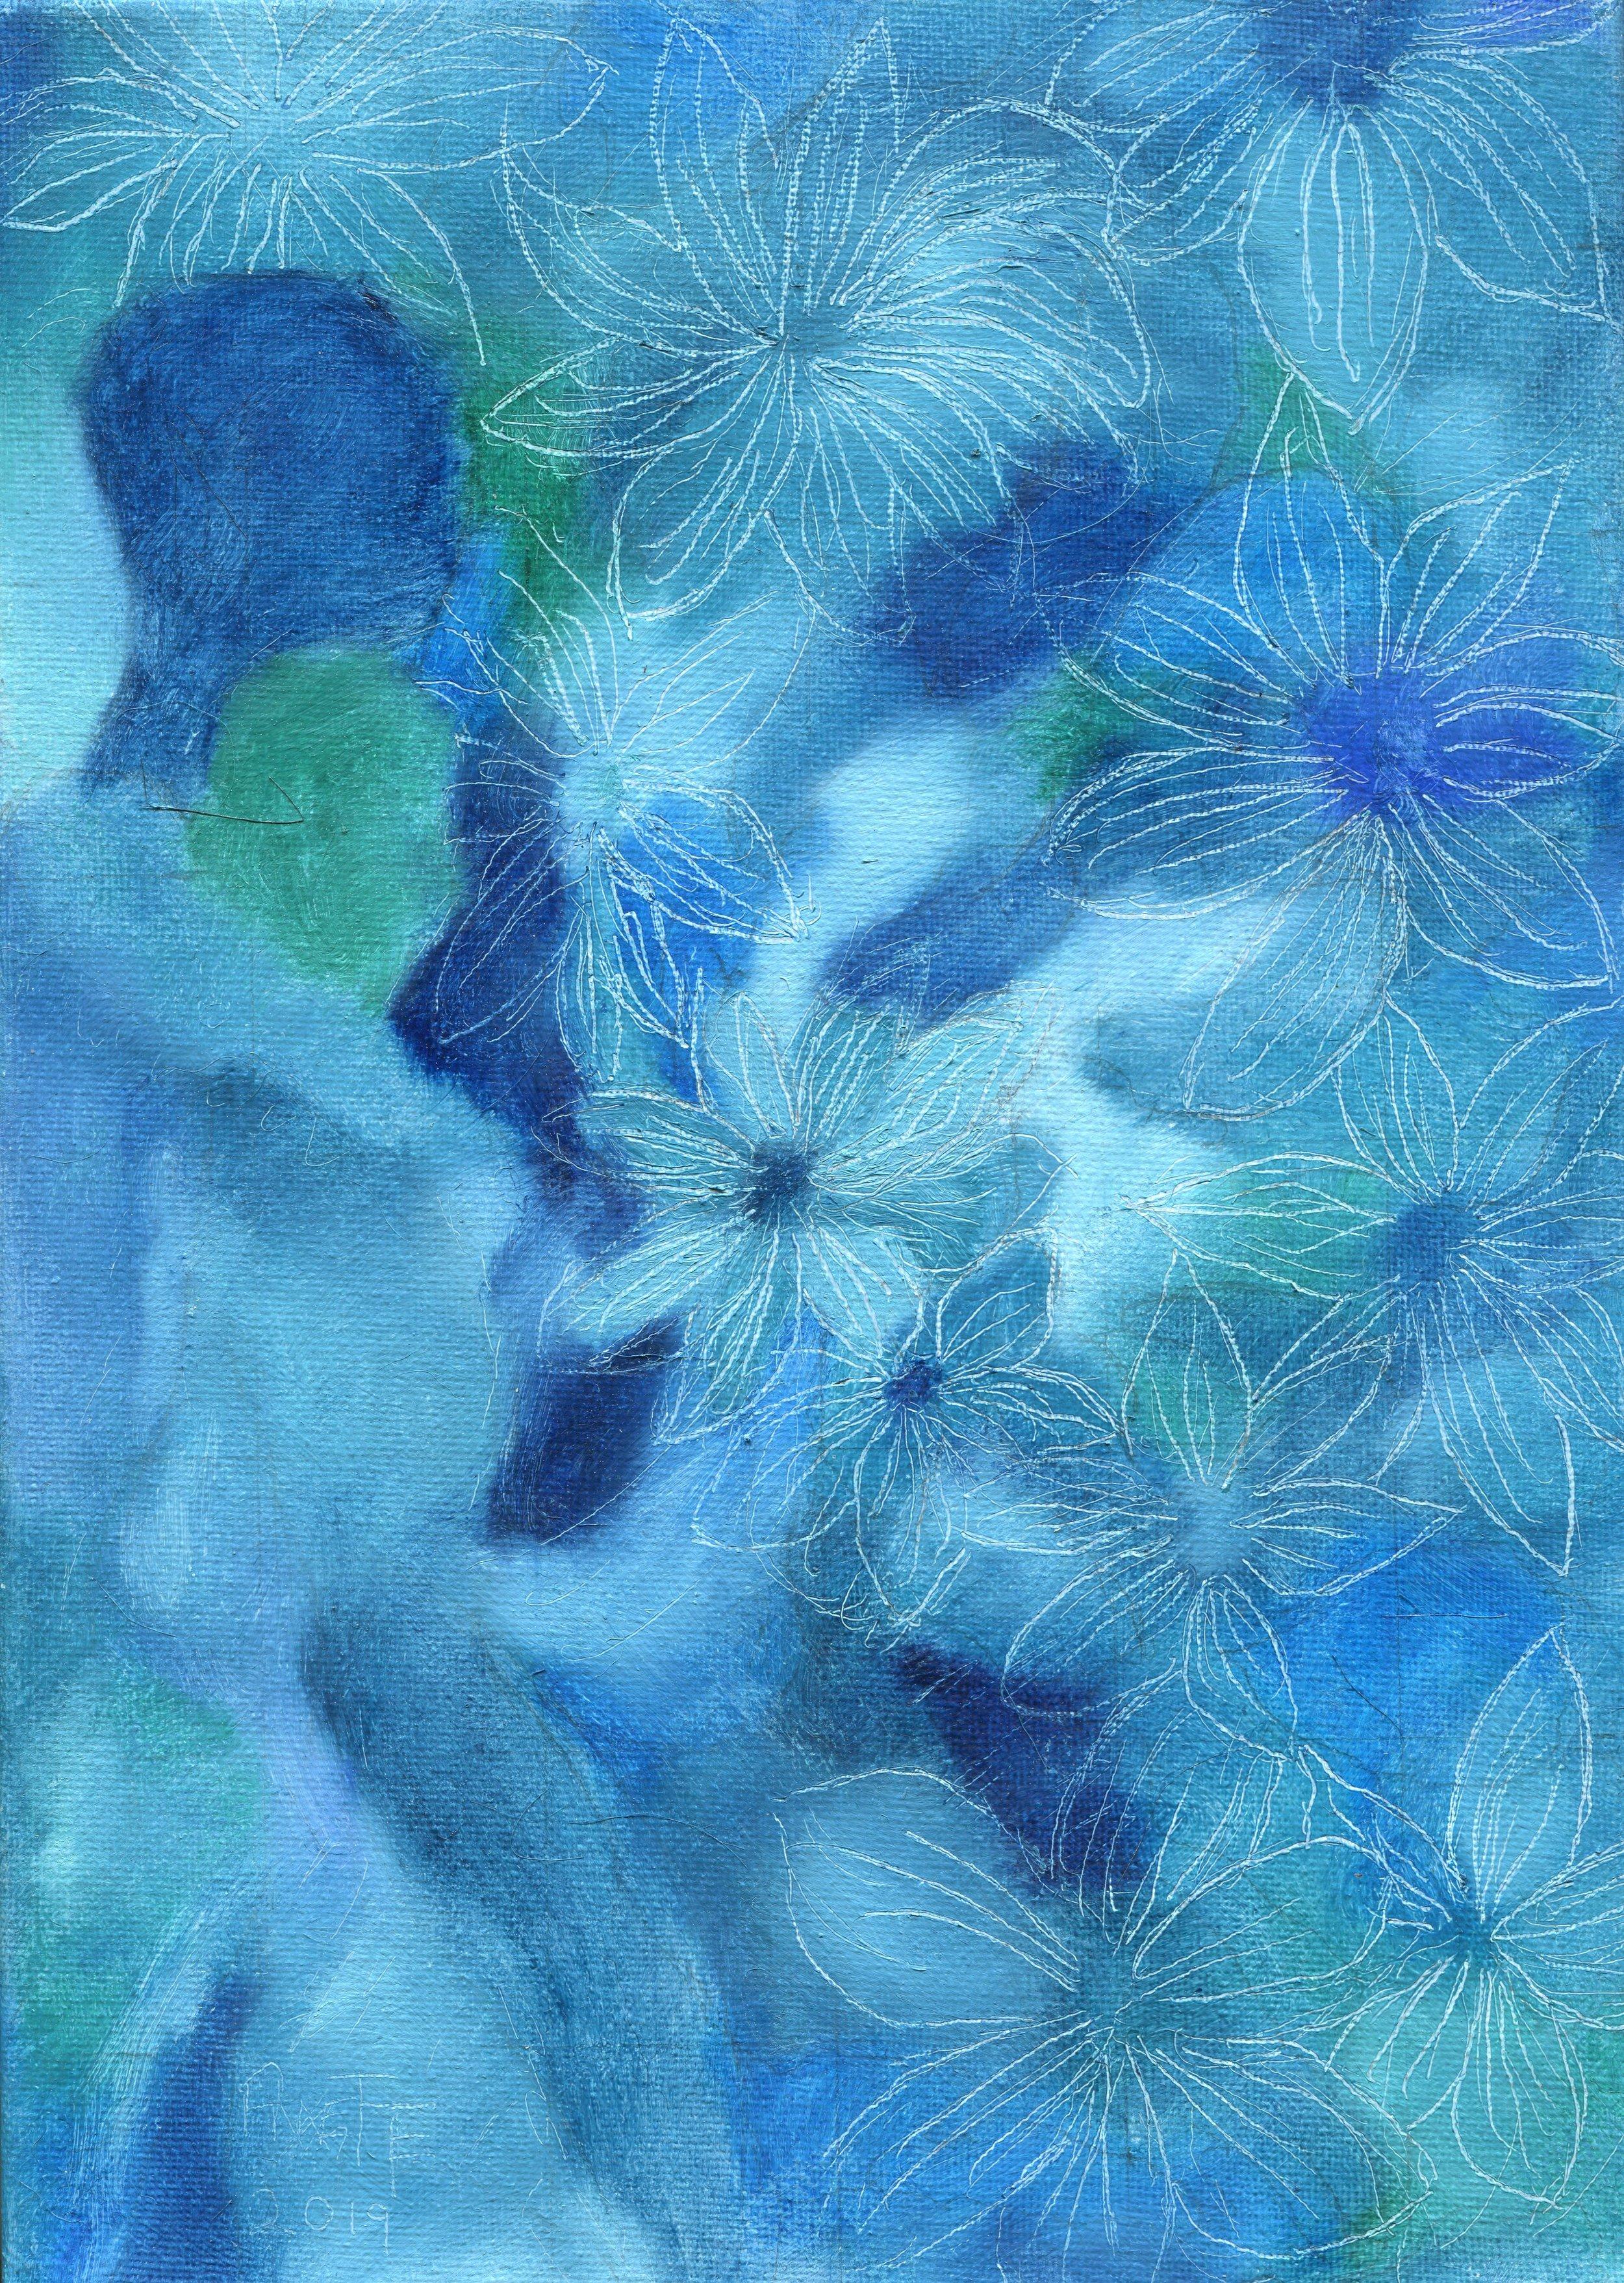 18b  Annette Farland  Rhapsody in blue  oil on canvas